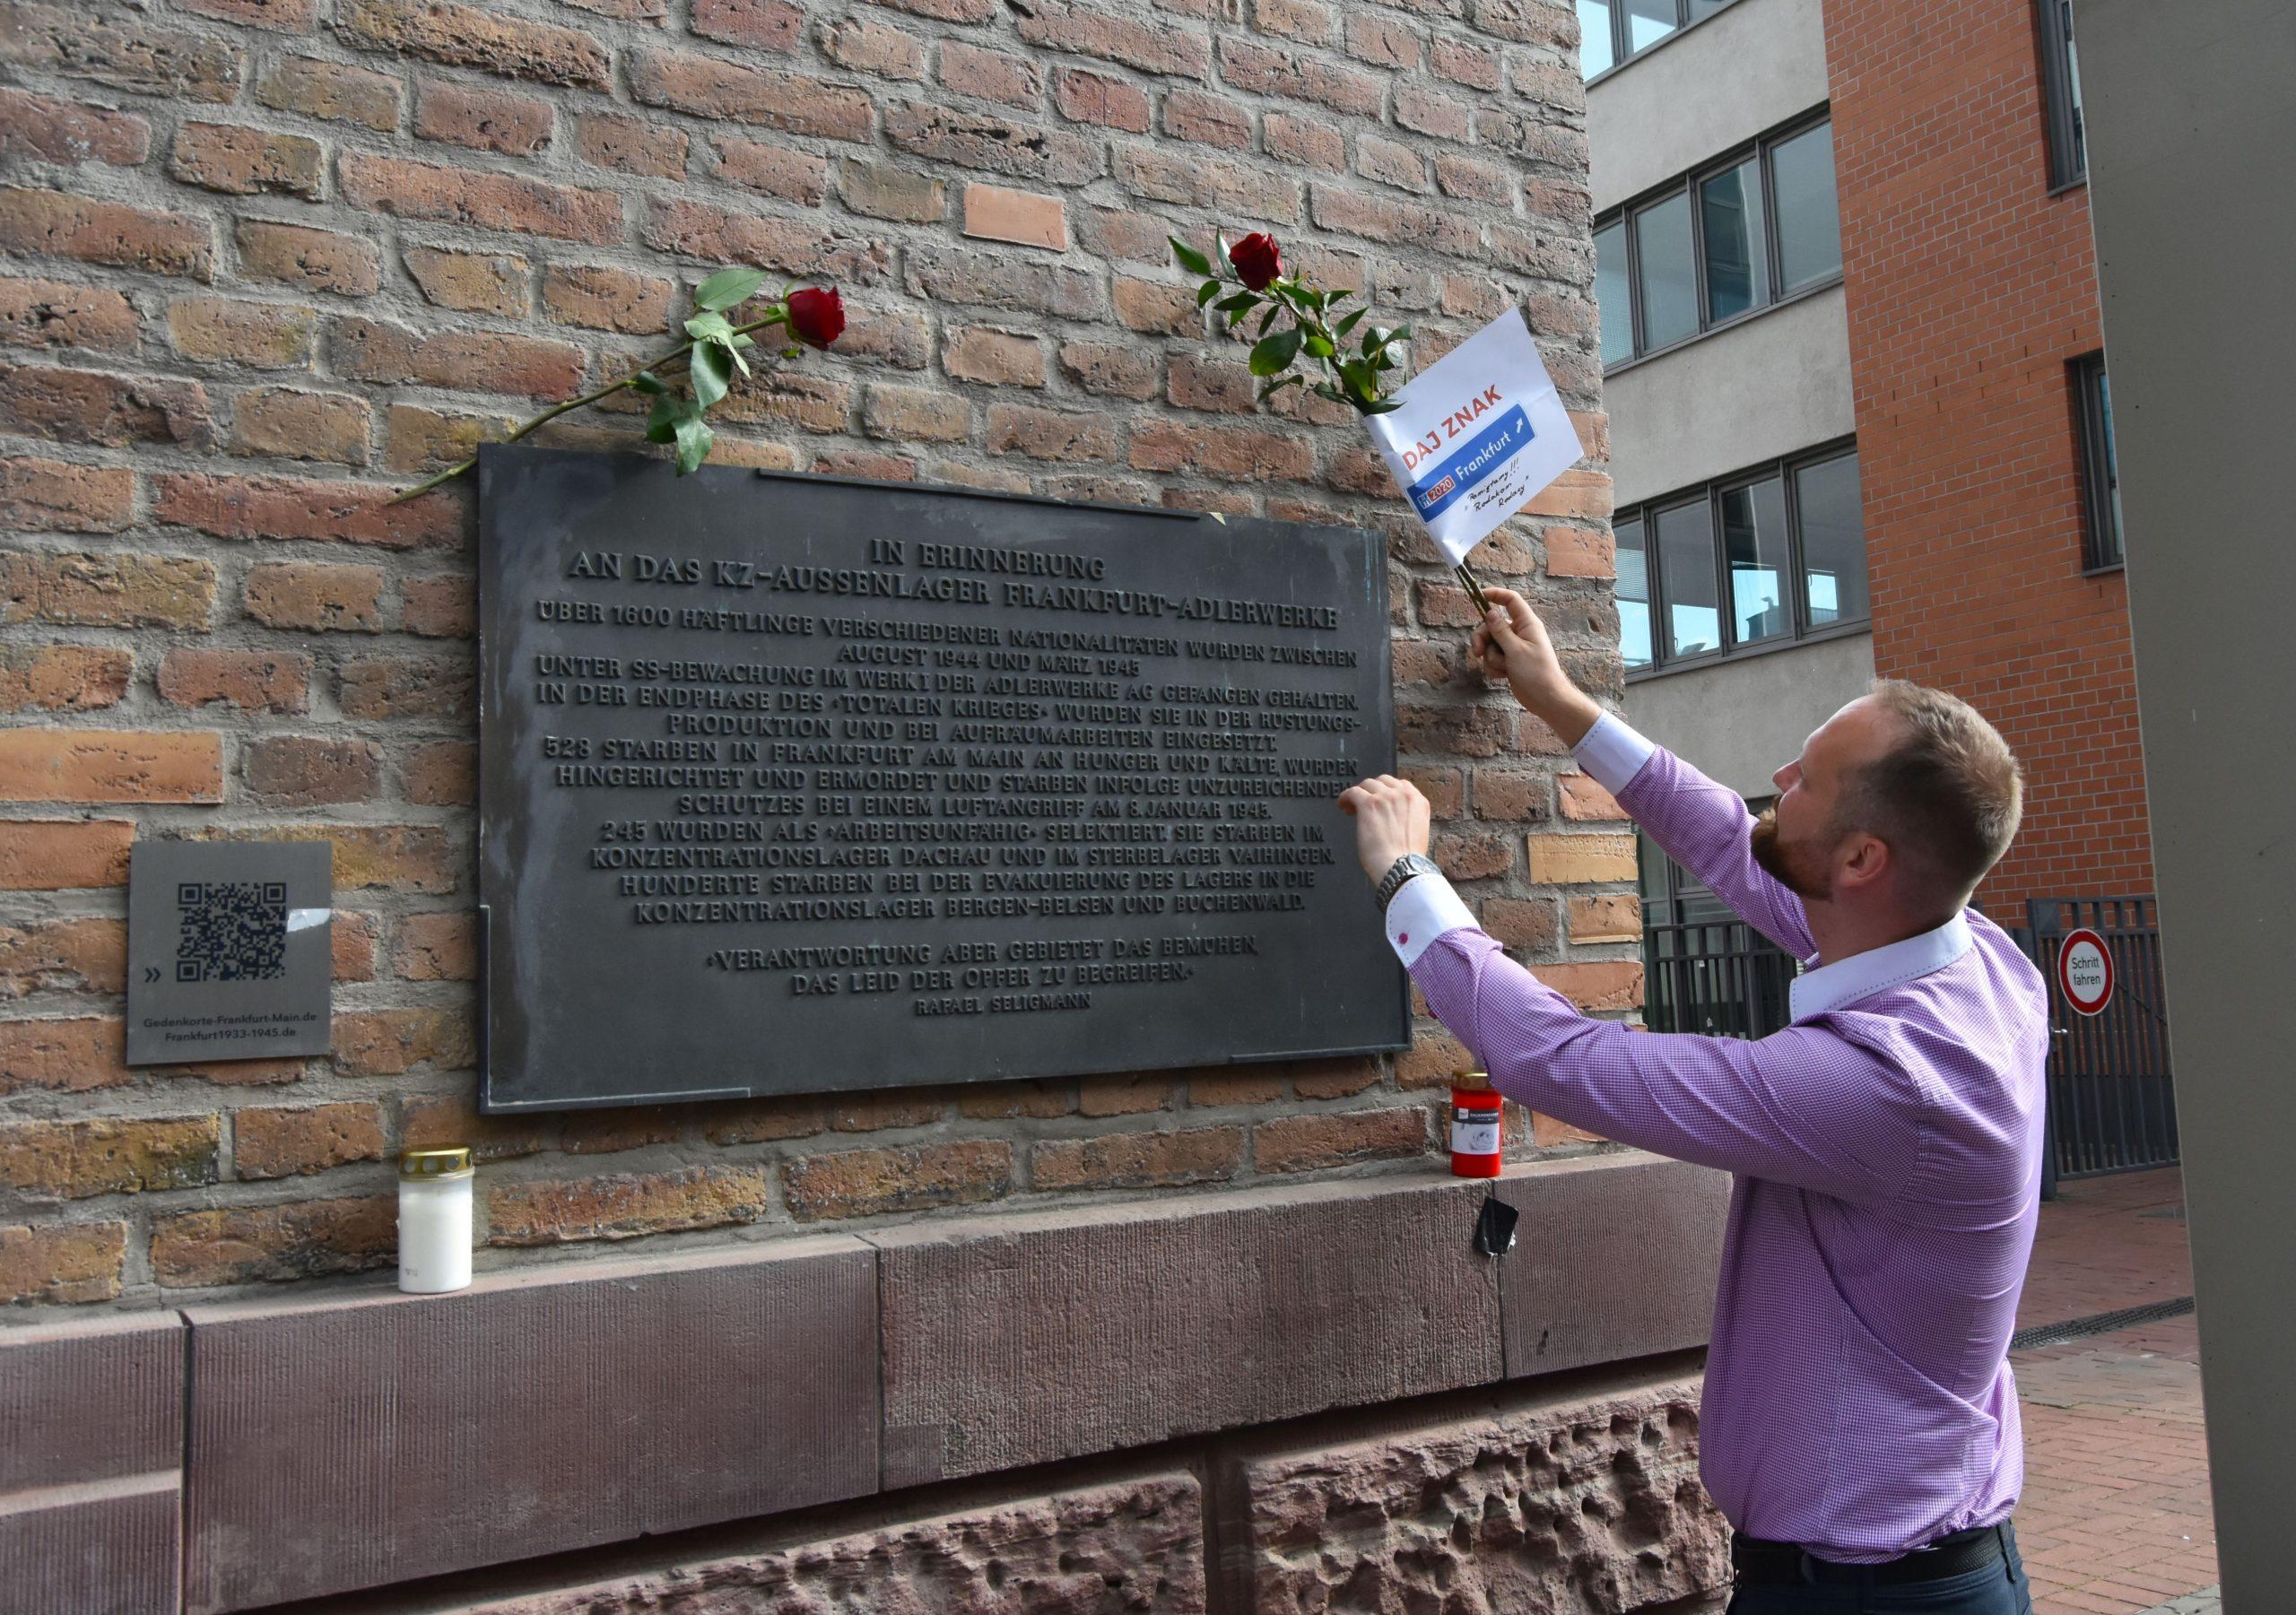 76 rocznica wybuchu Powstania Warszawskiego pod tablicą pamiątkową na budynku obozu koncentracyjnego KZ Katzbach (Adlerwerke)